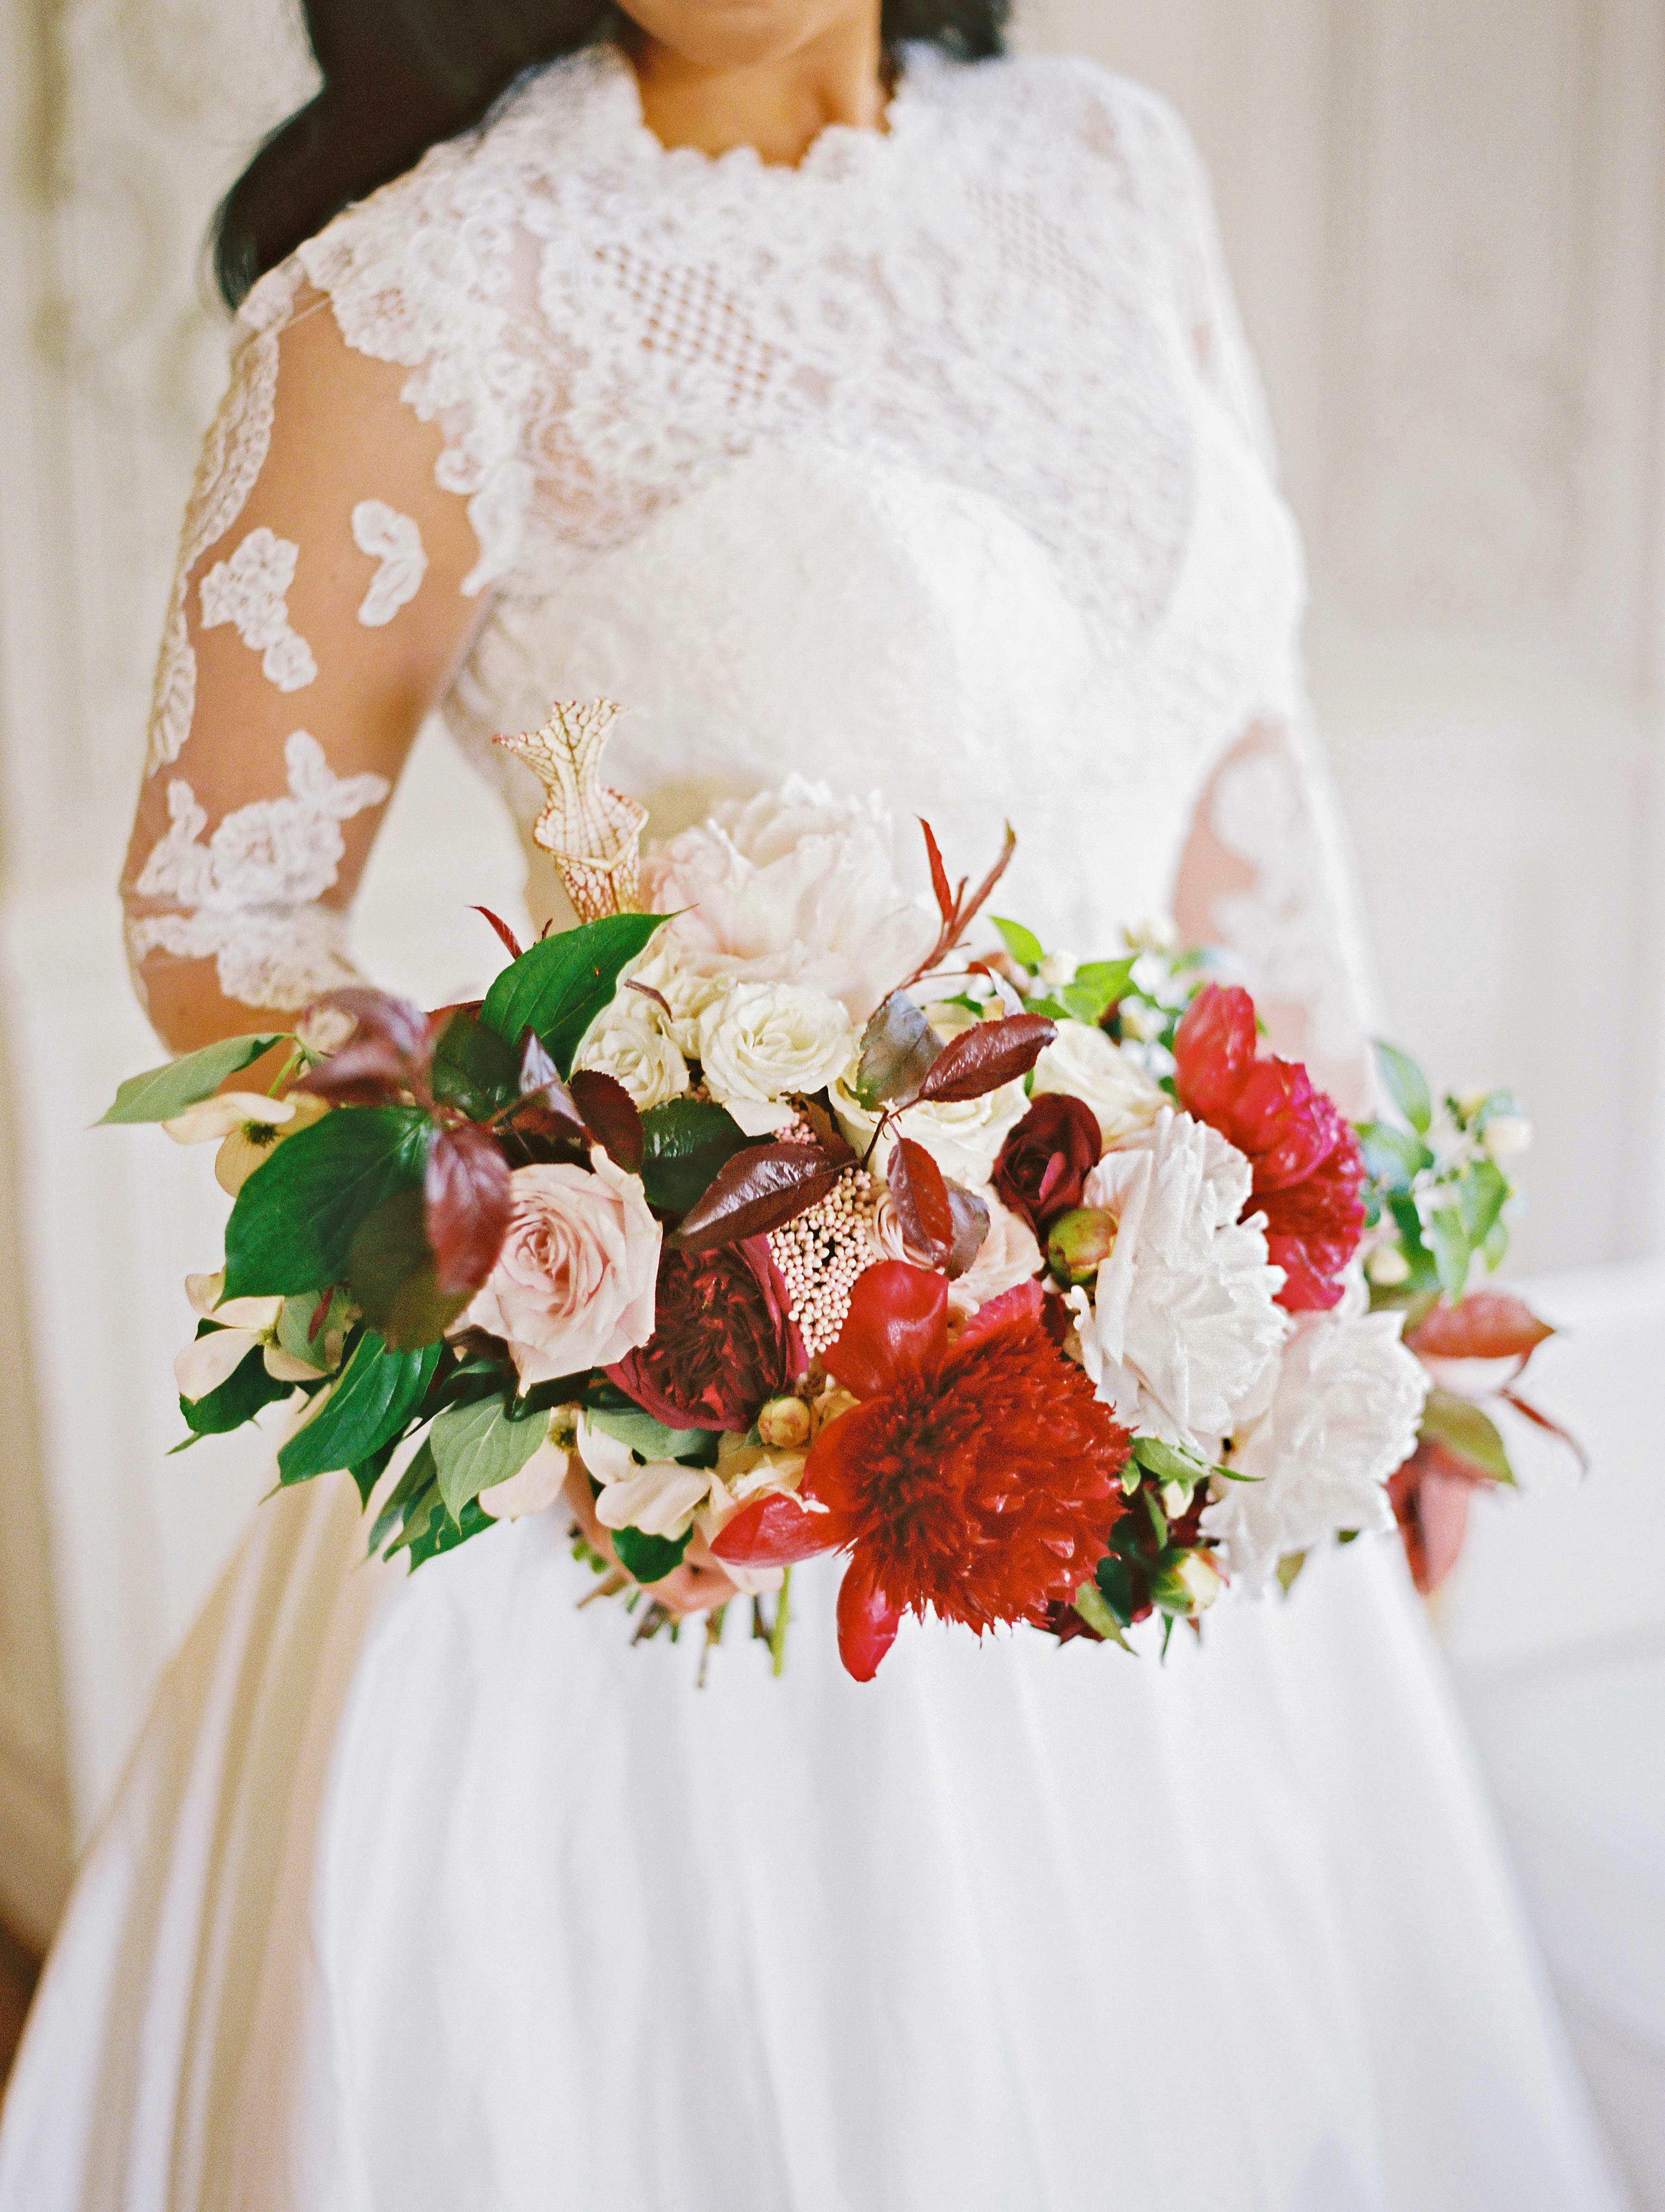 daniela emmanuel wedding maryland bouquet